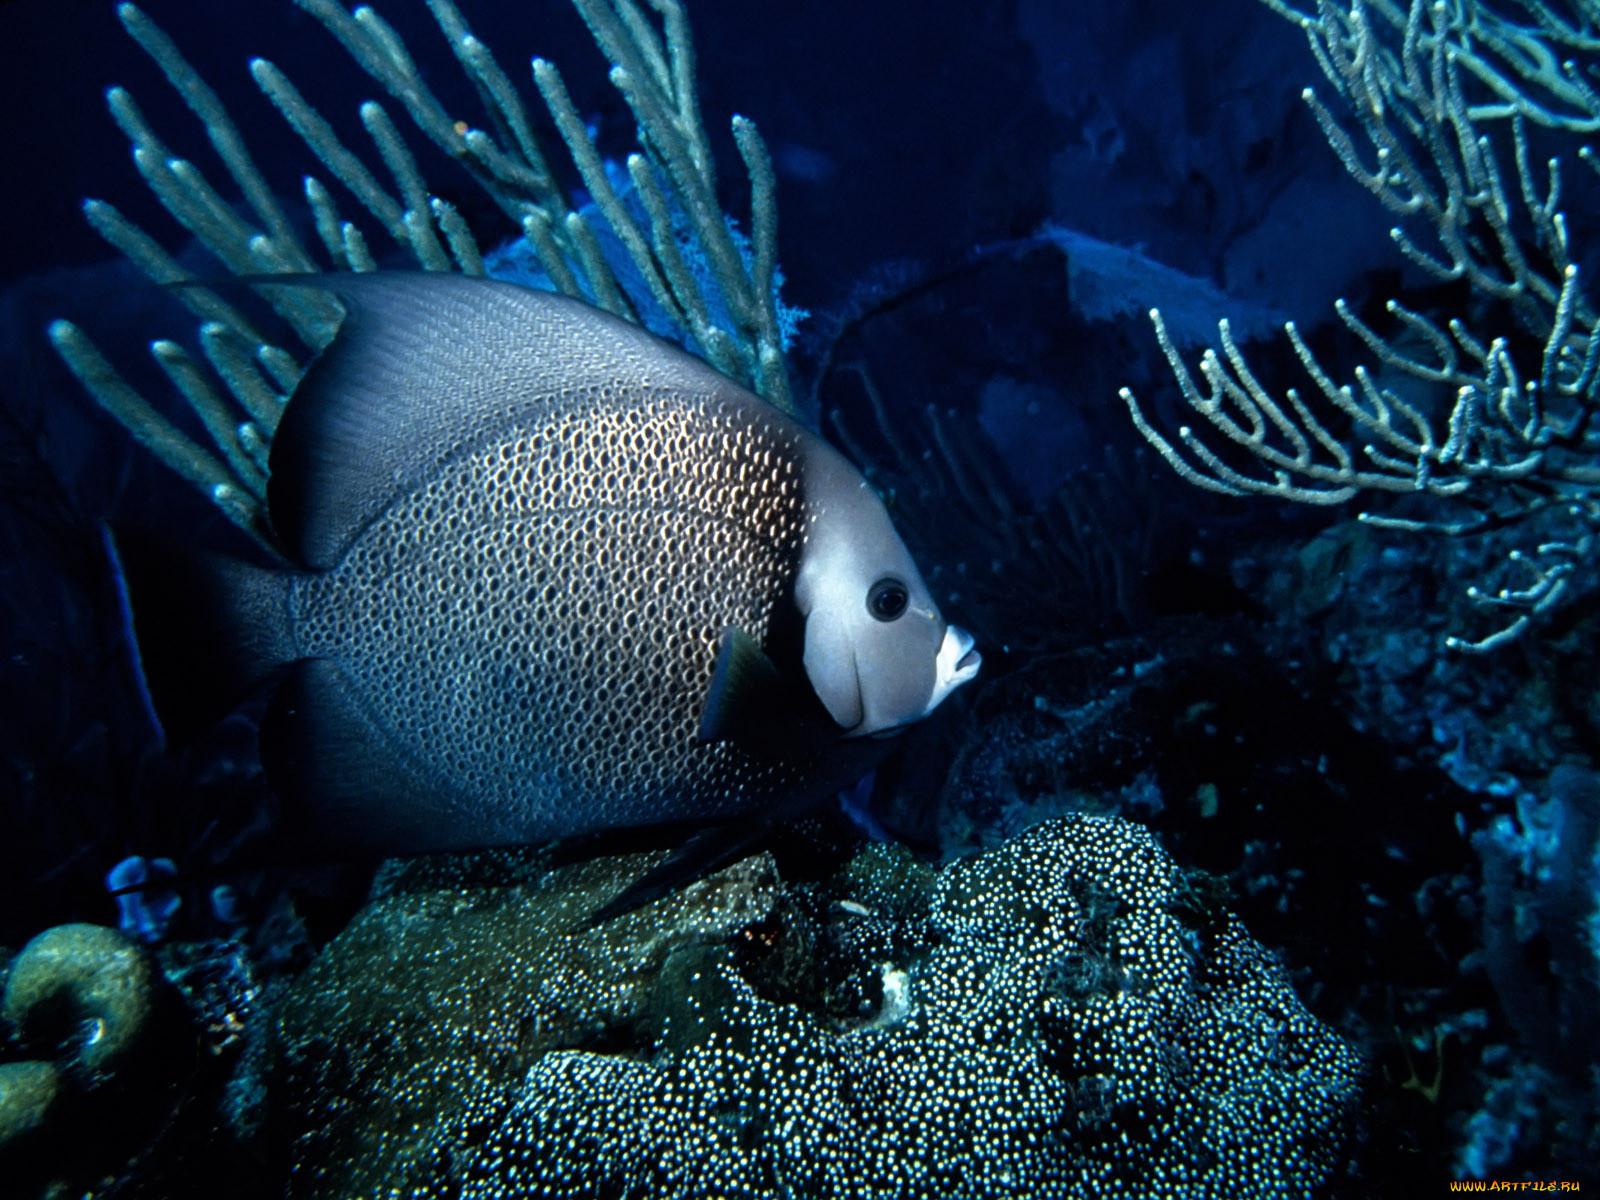 смотреть картинки рыб в море дыма